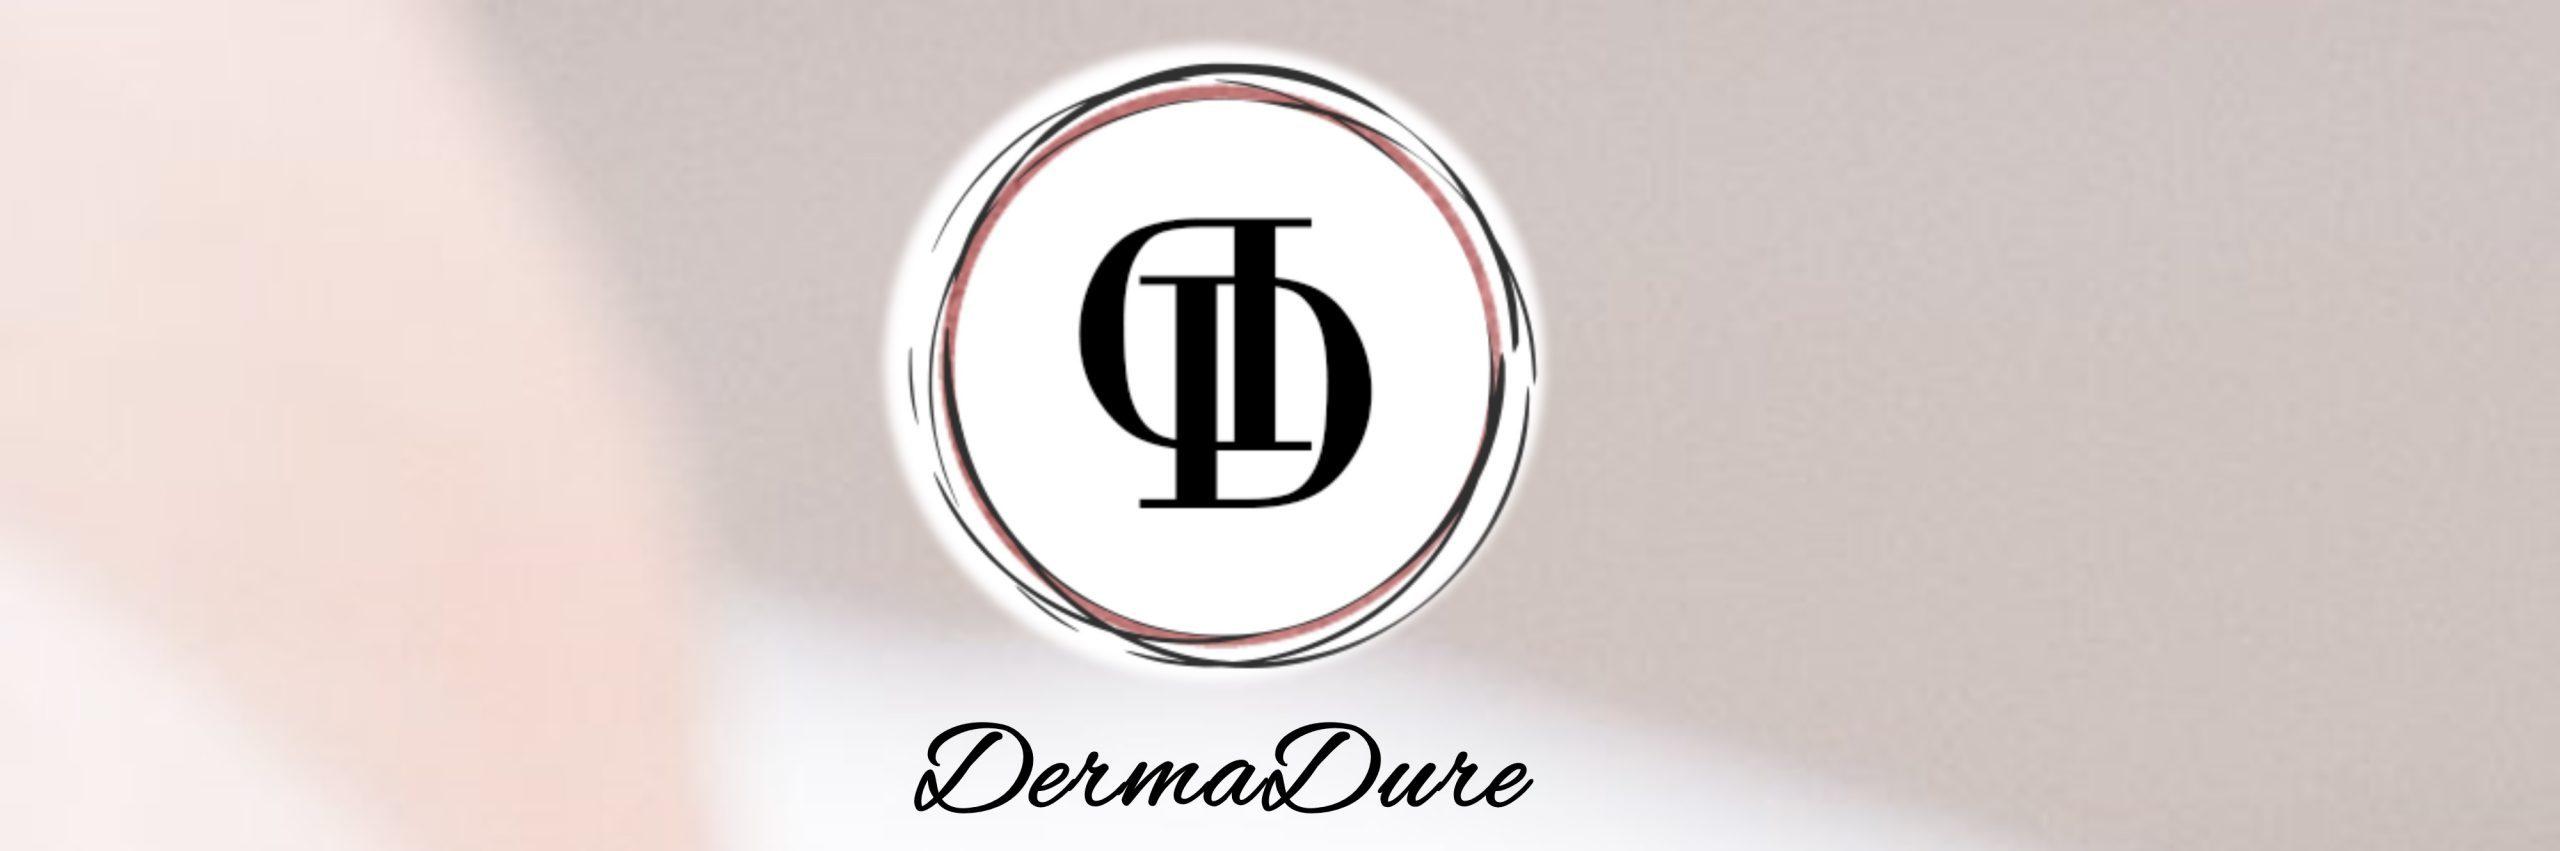 DermaDure Cosmetiics